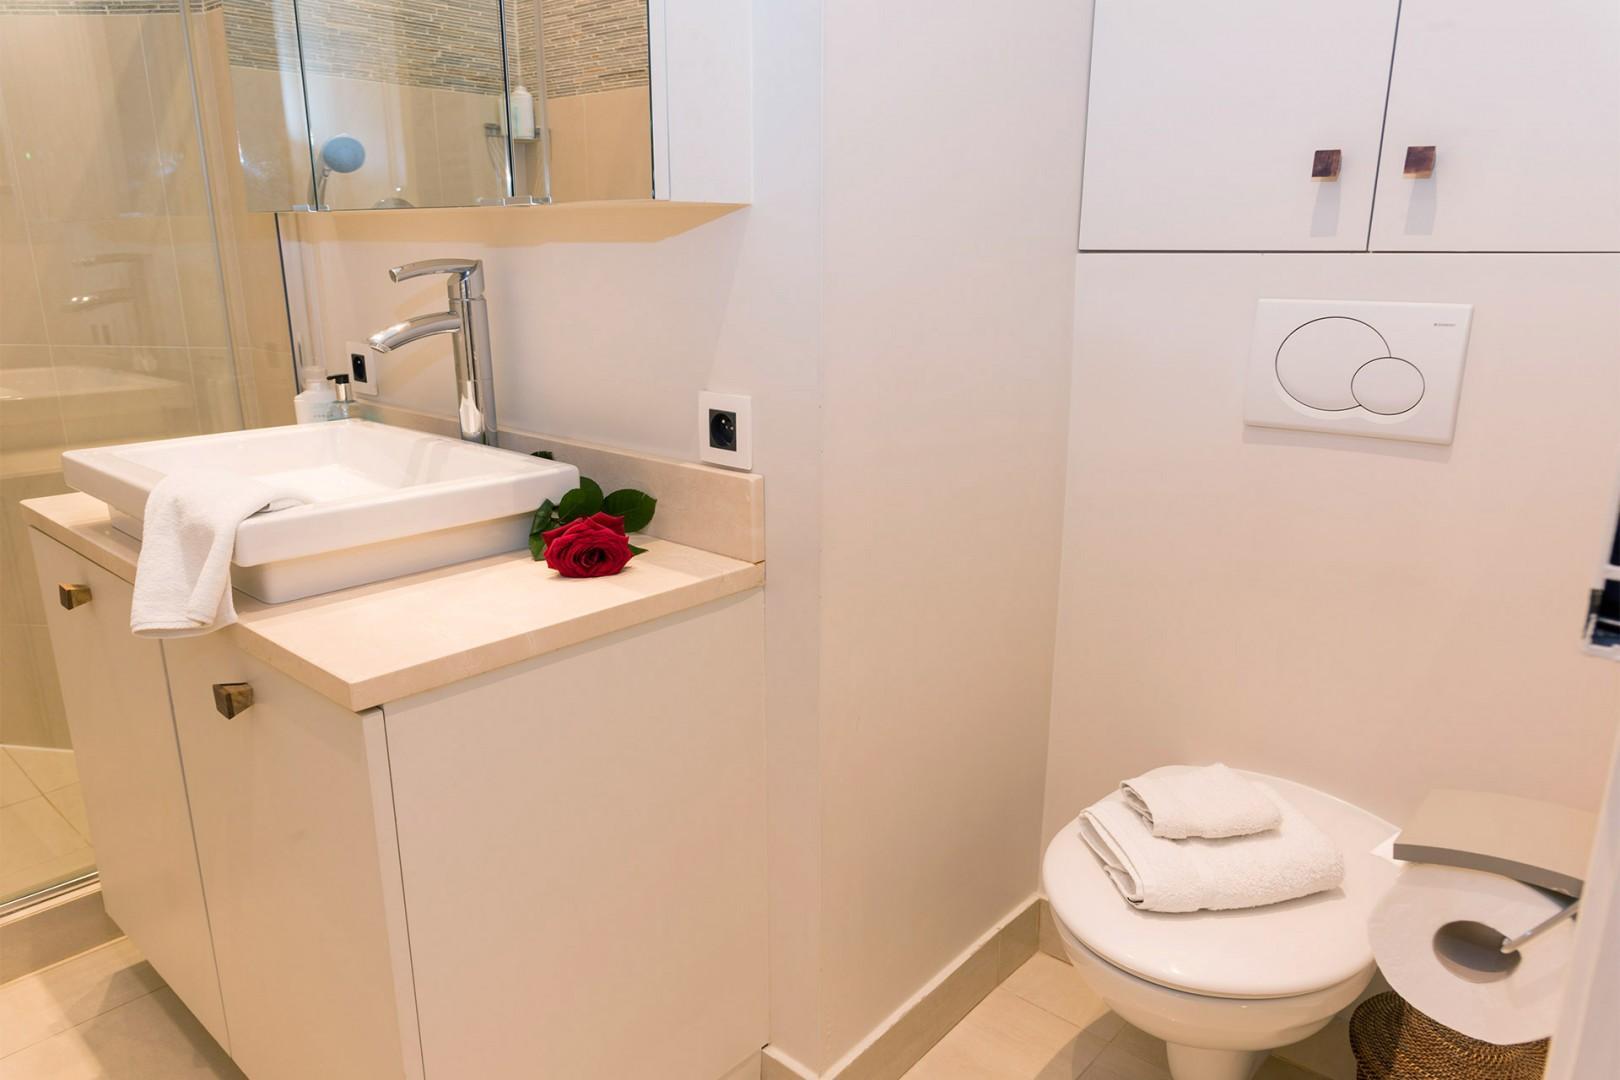 Economic motorized toilet in bathroom 2